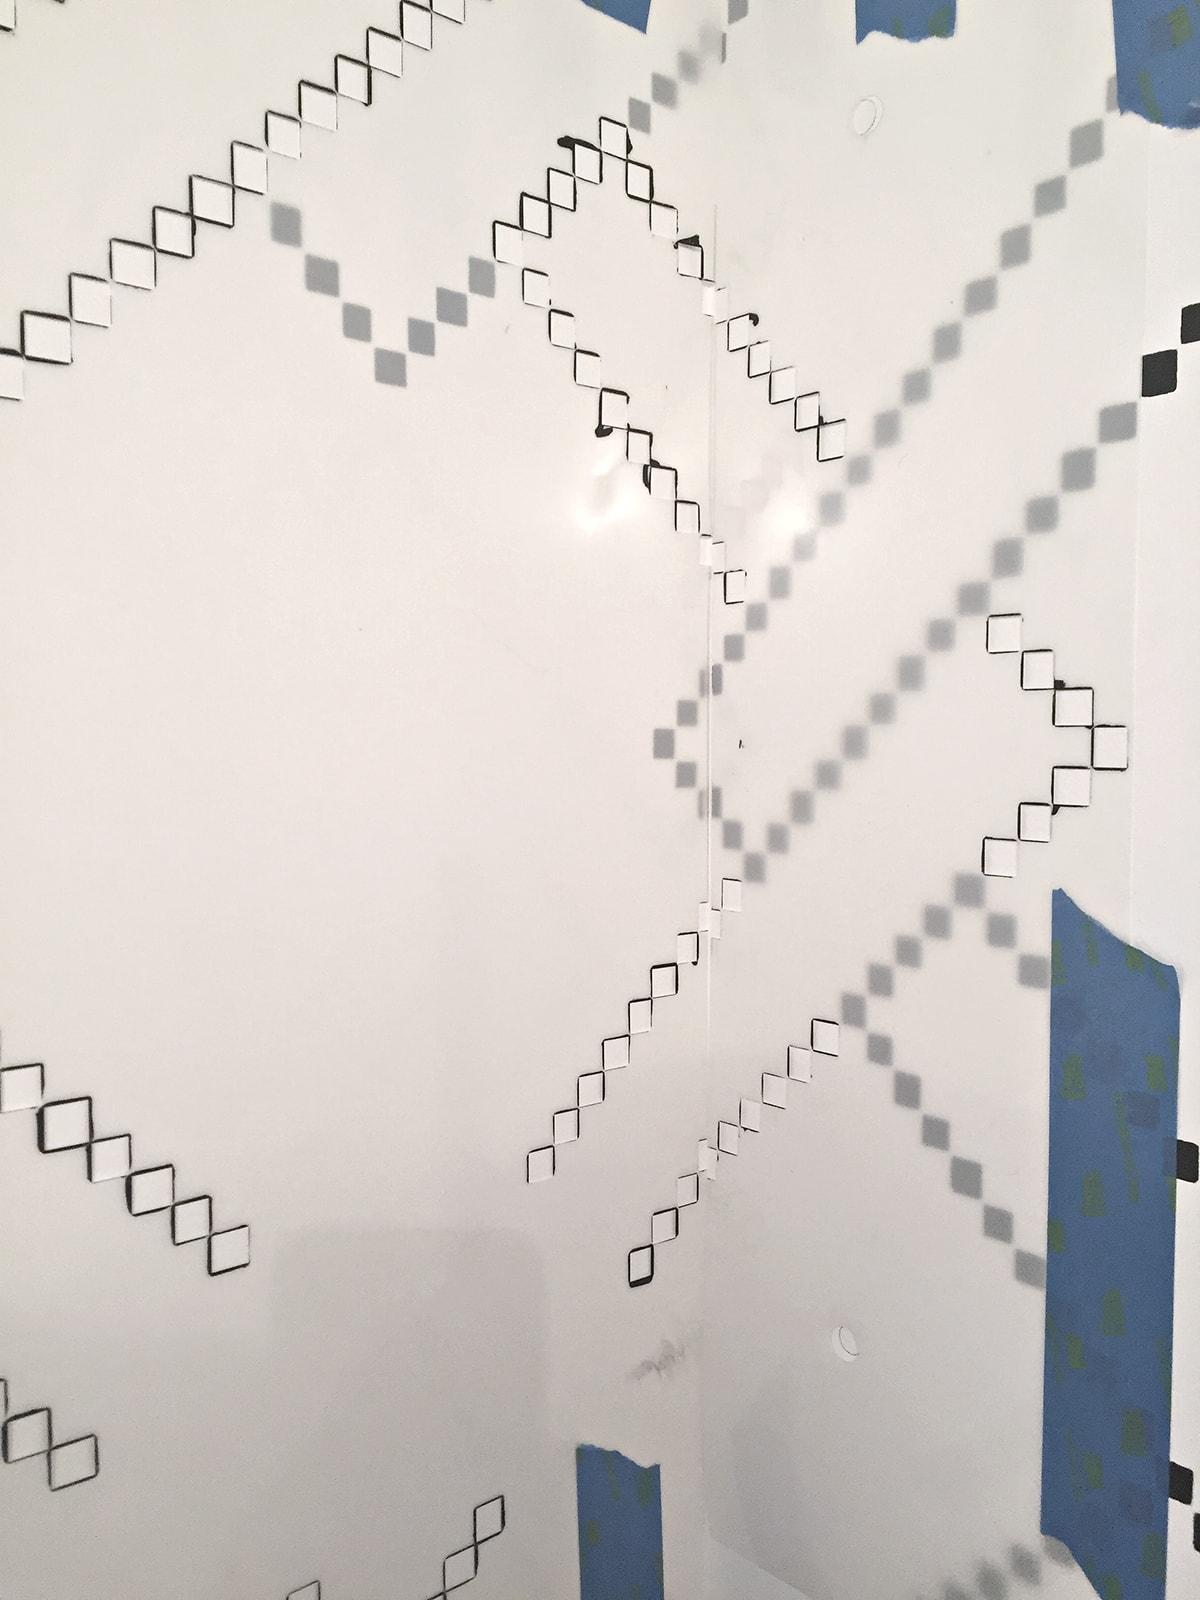 cutting a stencil apart to fit it in a corner